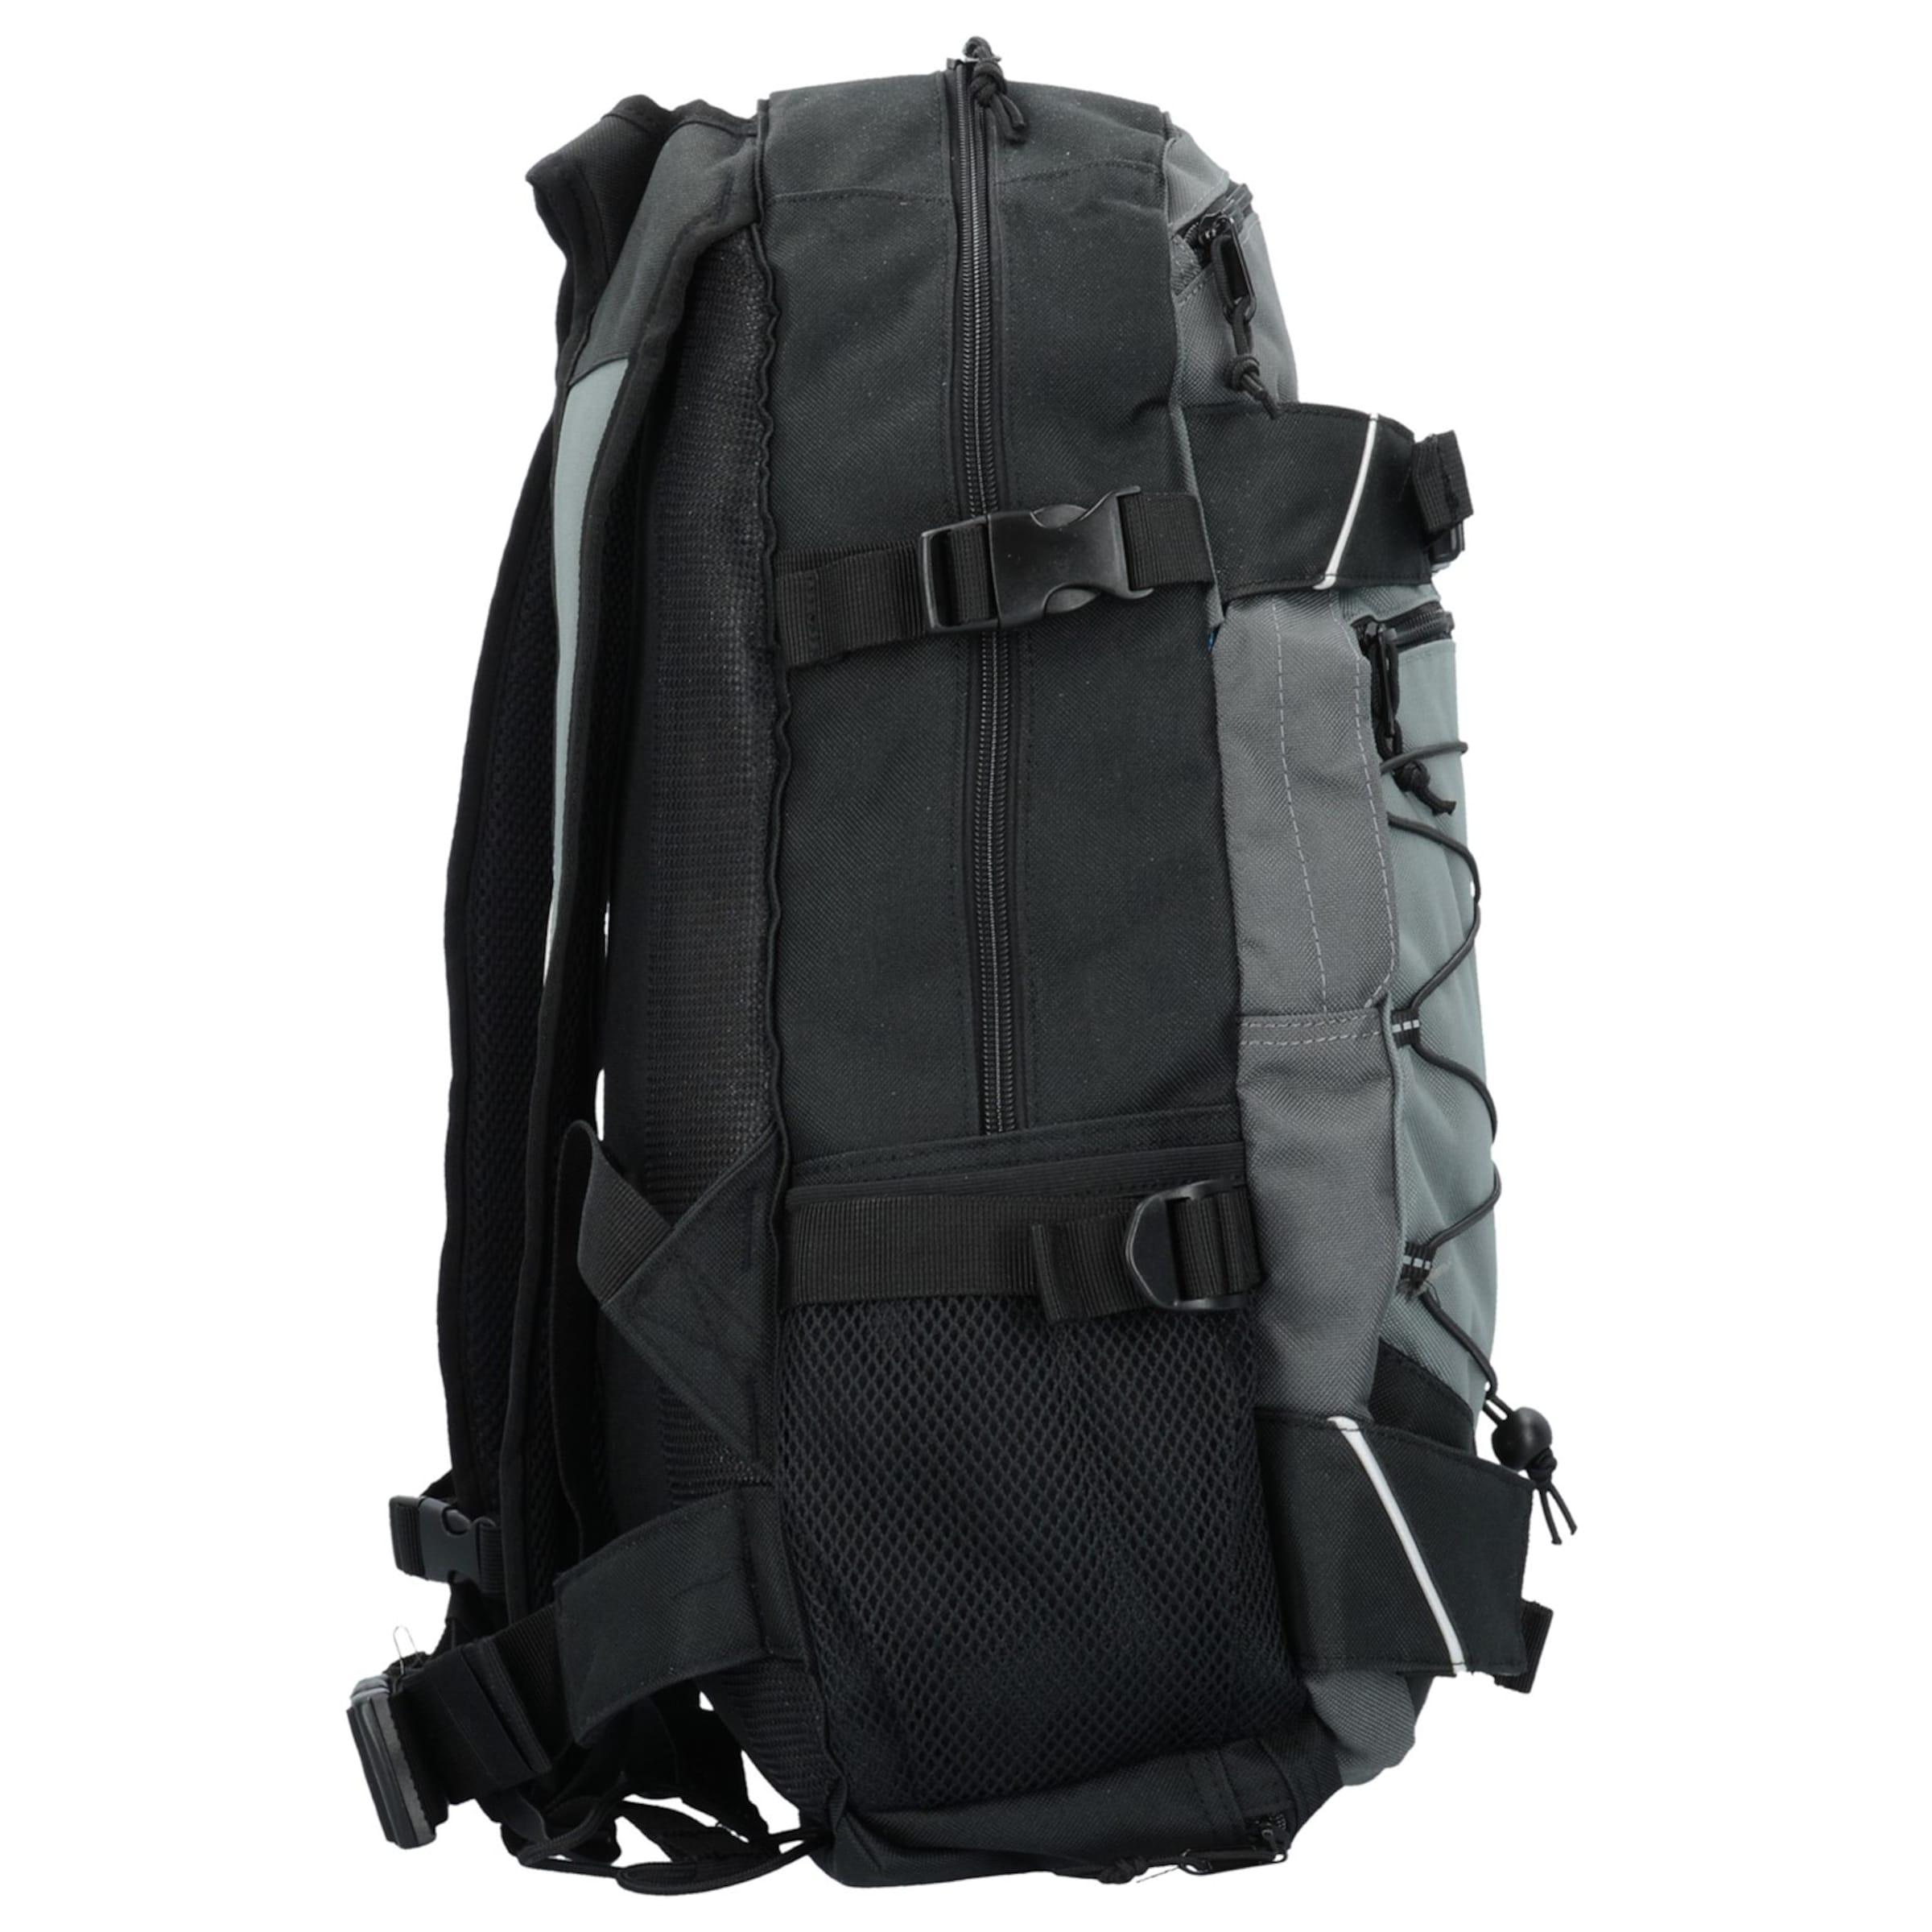 Forvert Backpack Three Color 'Louis' Rucksack 50 cm Online-Shopping Günstigen Preis Wählen Sie Einen Besten Online-Verkauf Spielfrei Versand ZTydCSCBBo